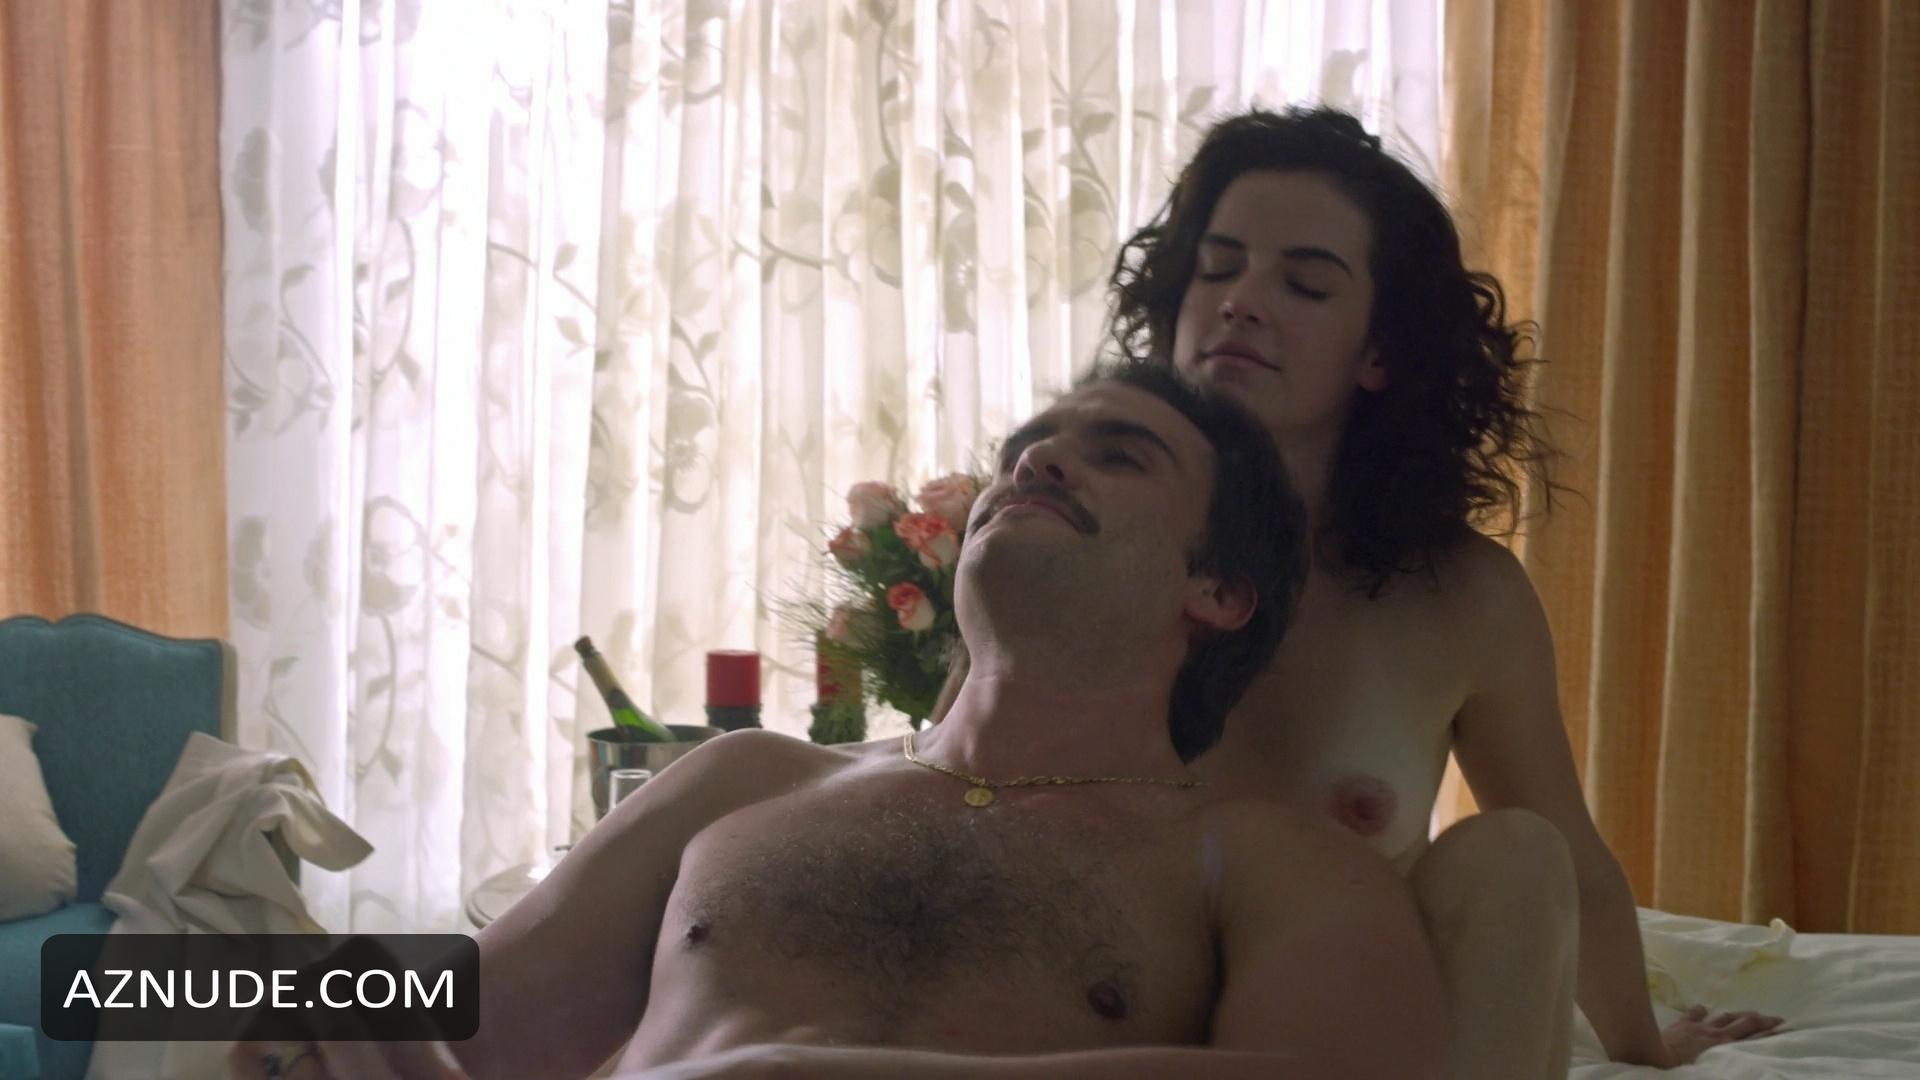 JUAN PABLO RABA Nude  AZNude Men